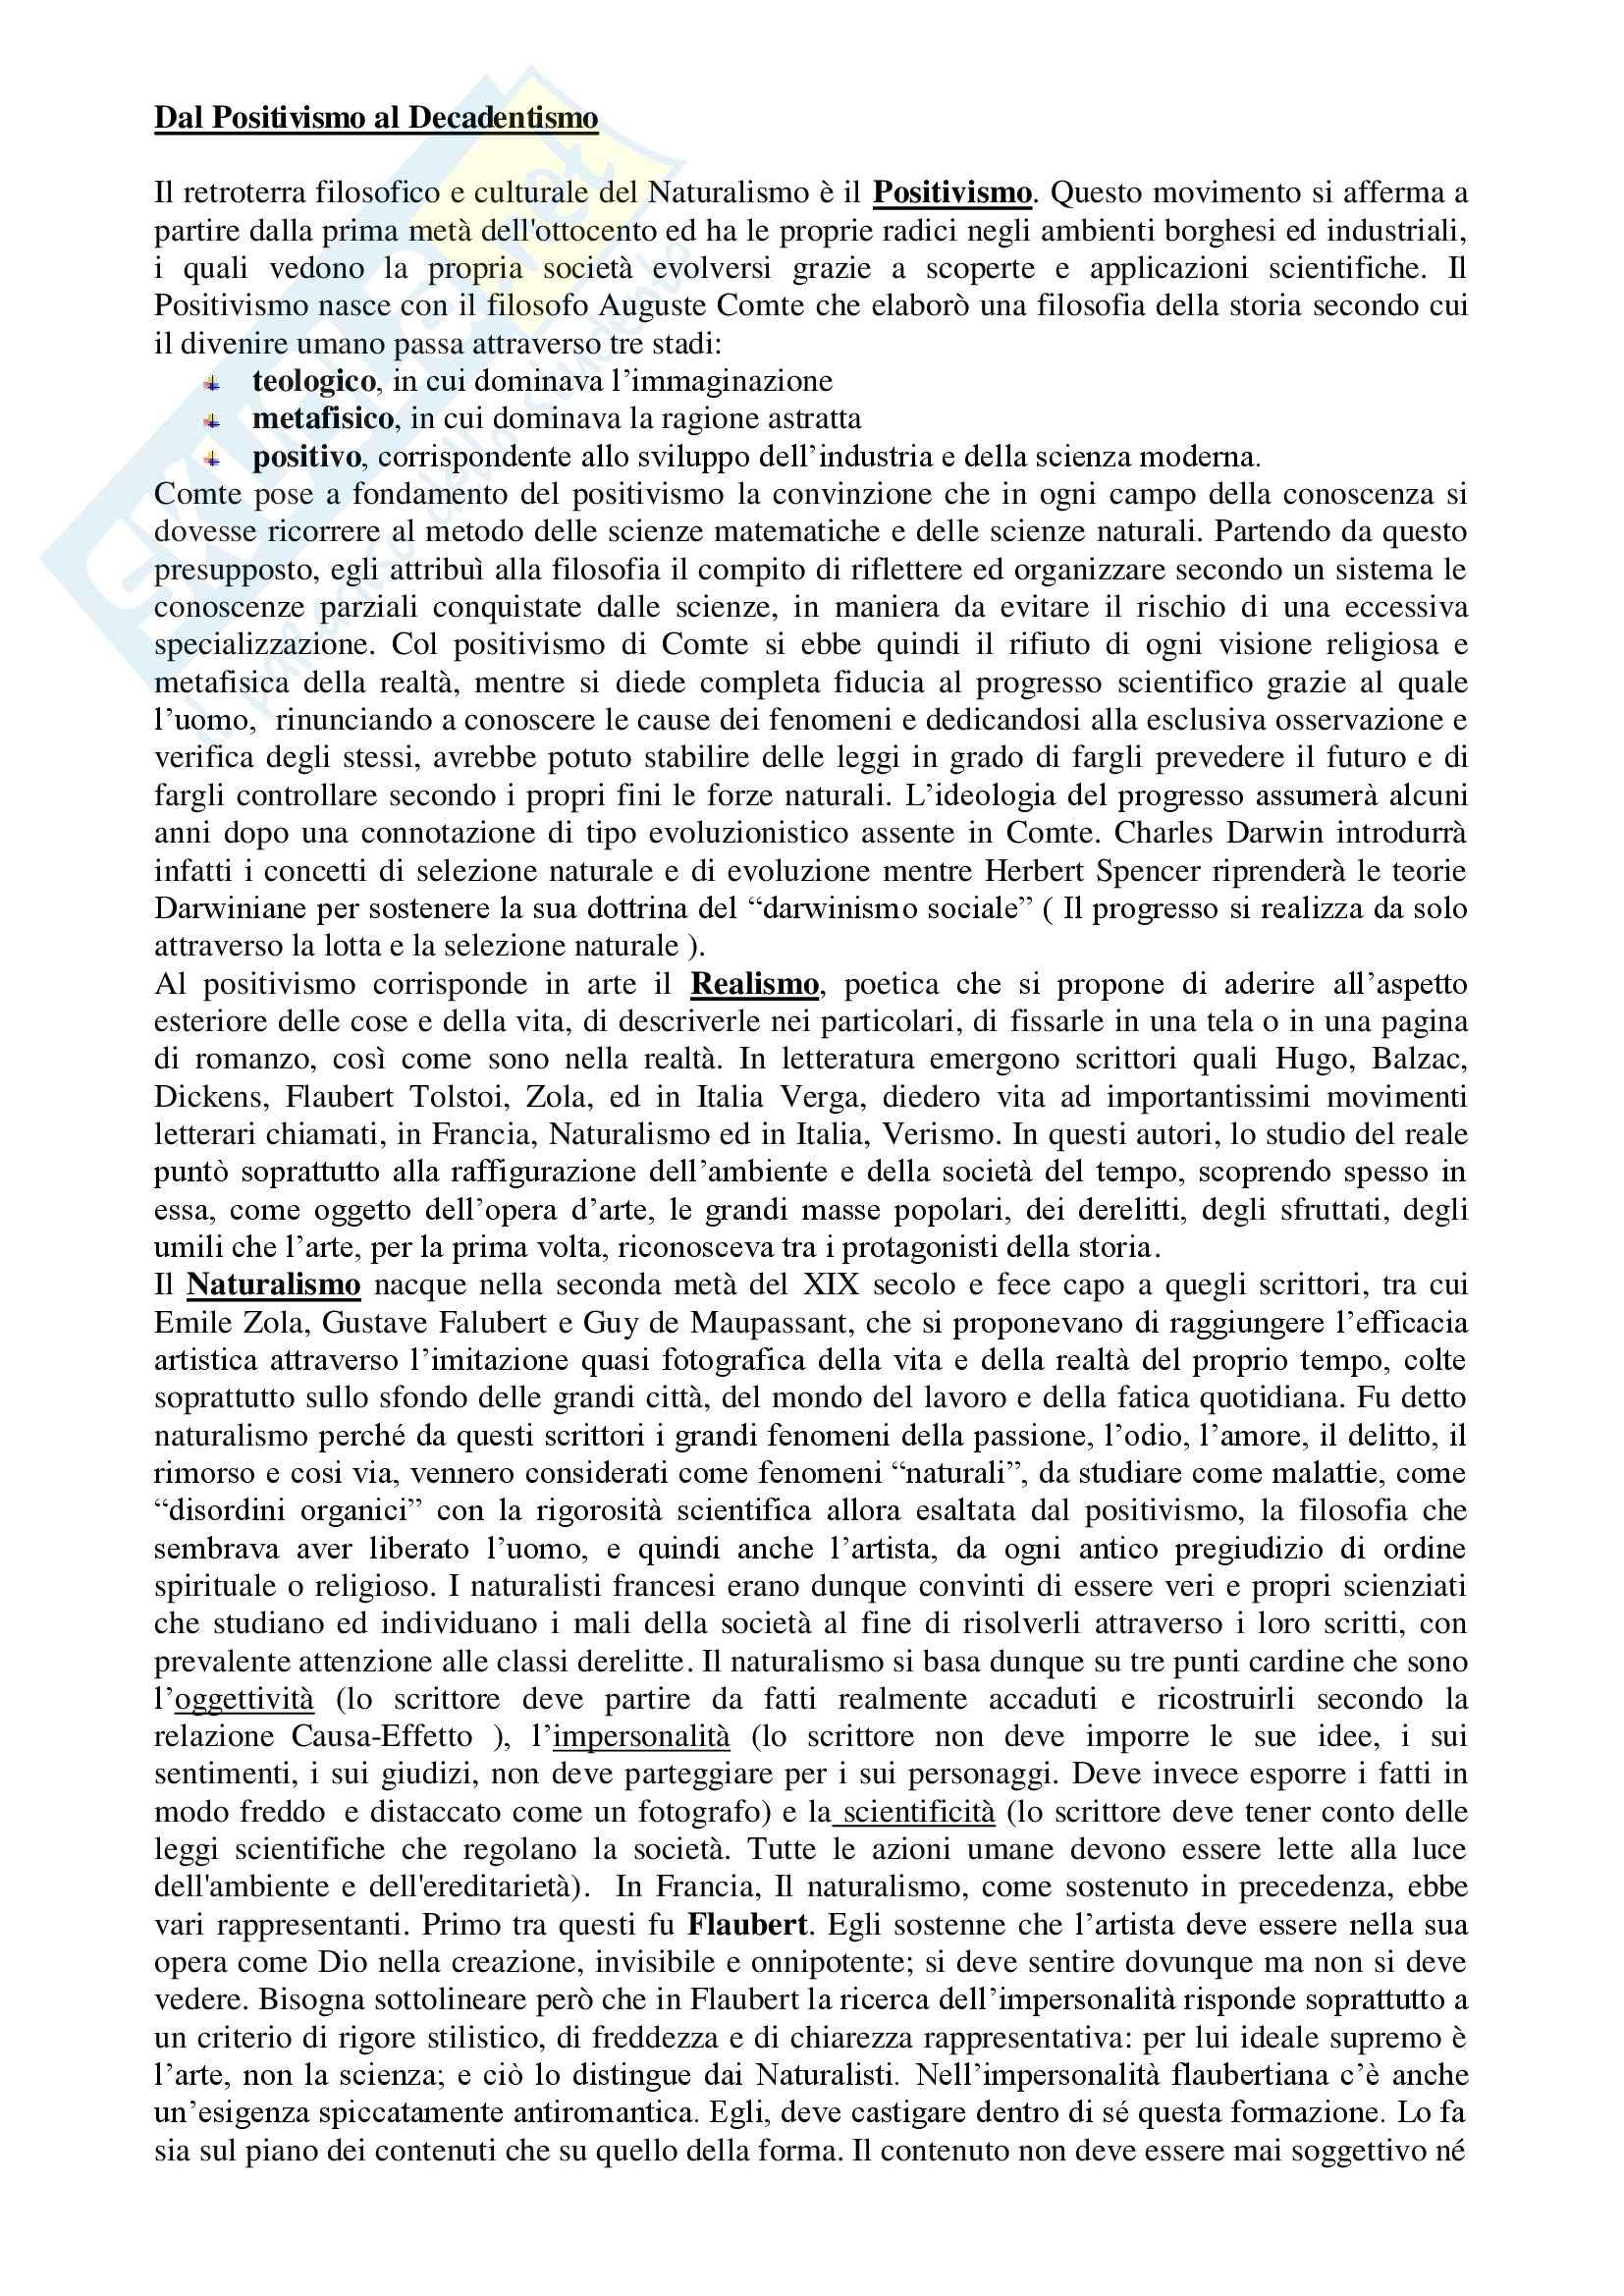 Letteratura italiana - dal positivismo al decadentismo